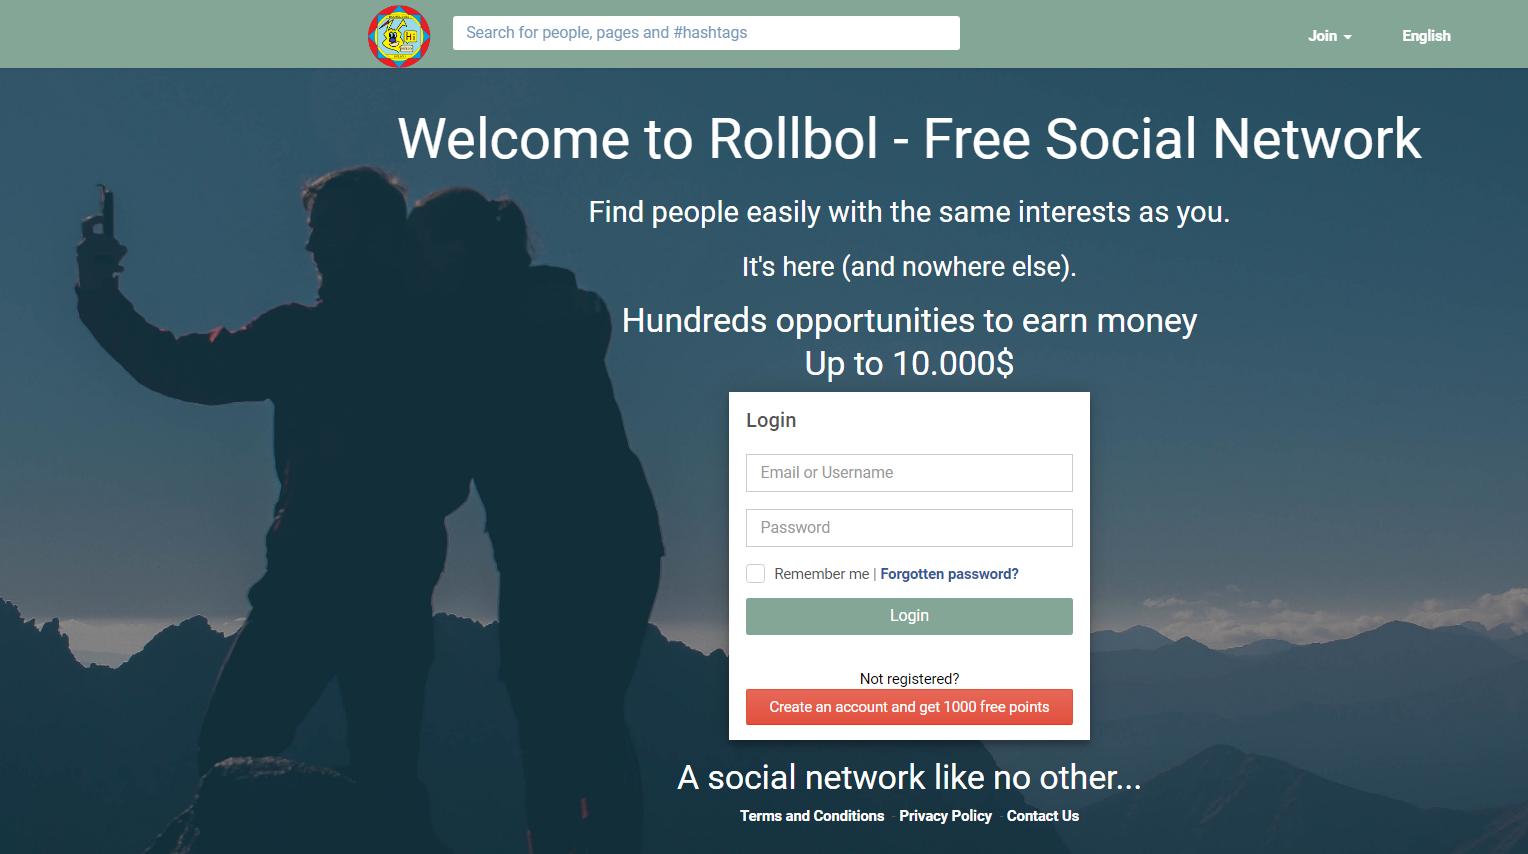 homepage of rollbol